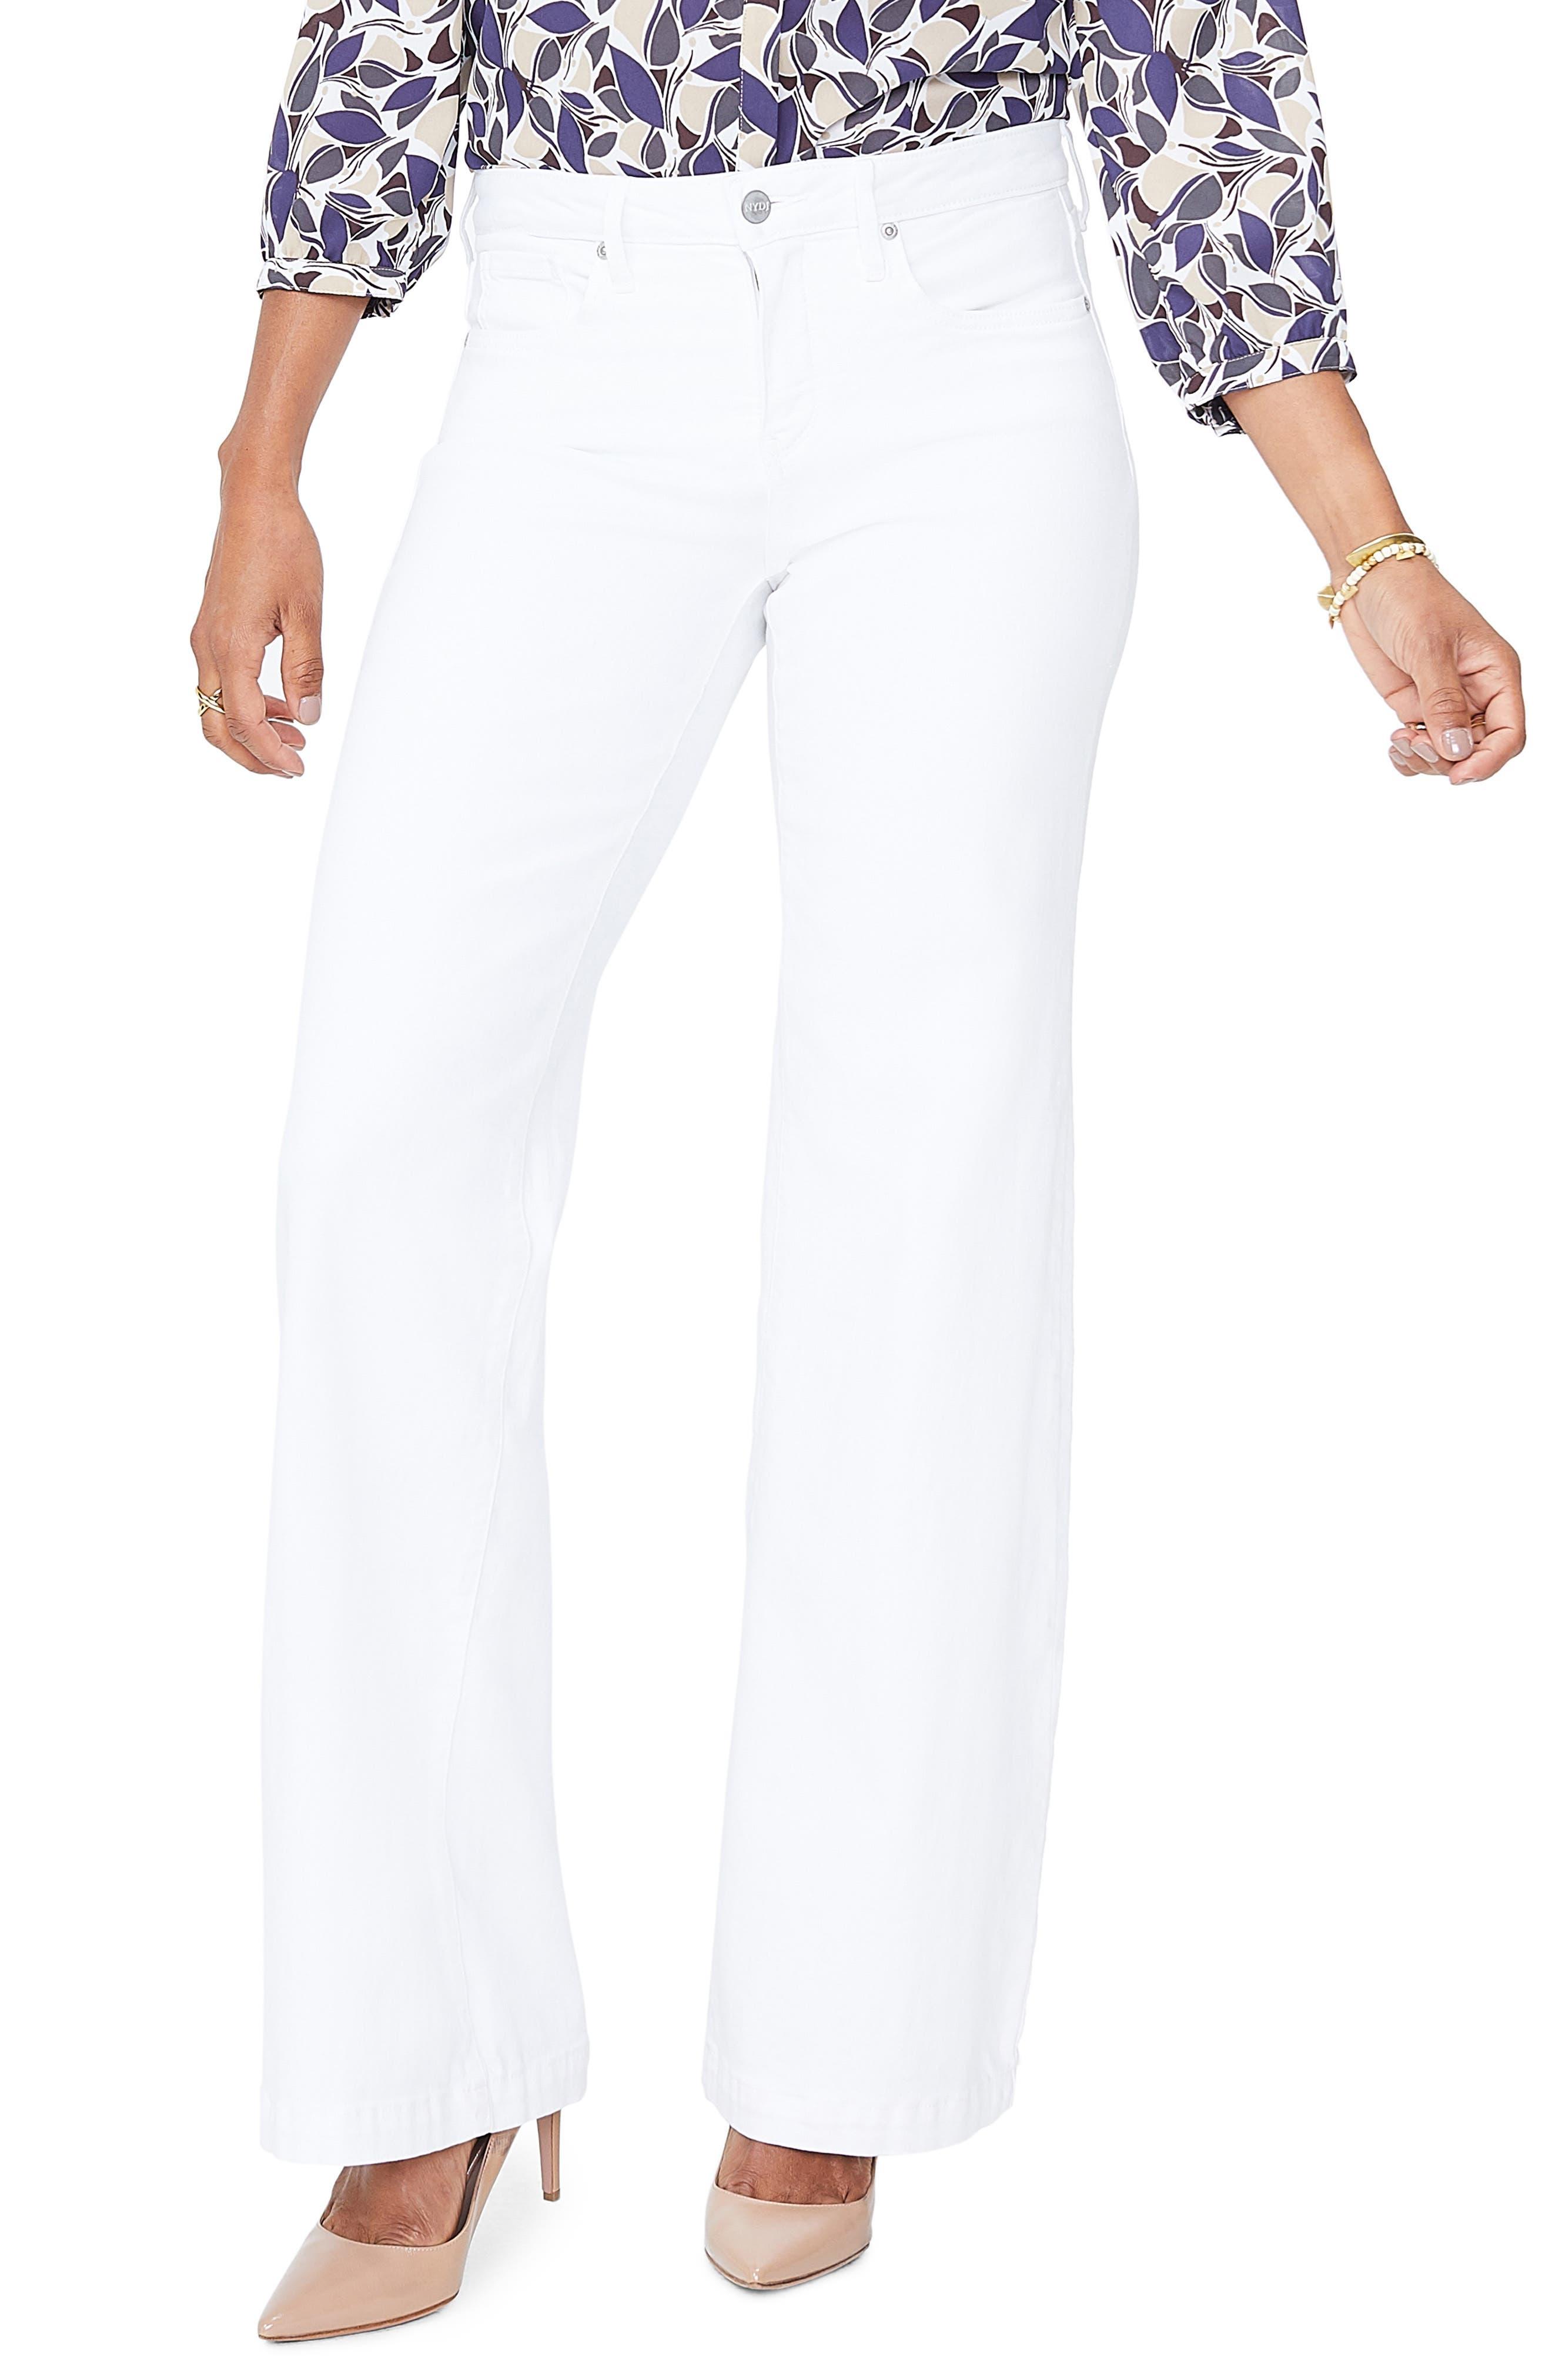 Women's NYDJ Wide Leg Trouser Jeans